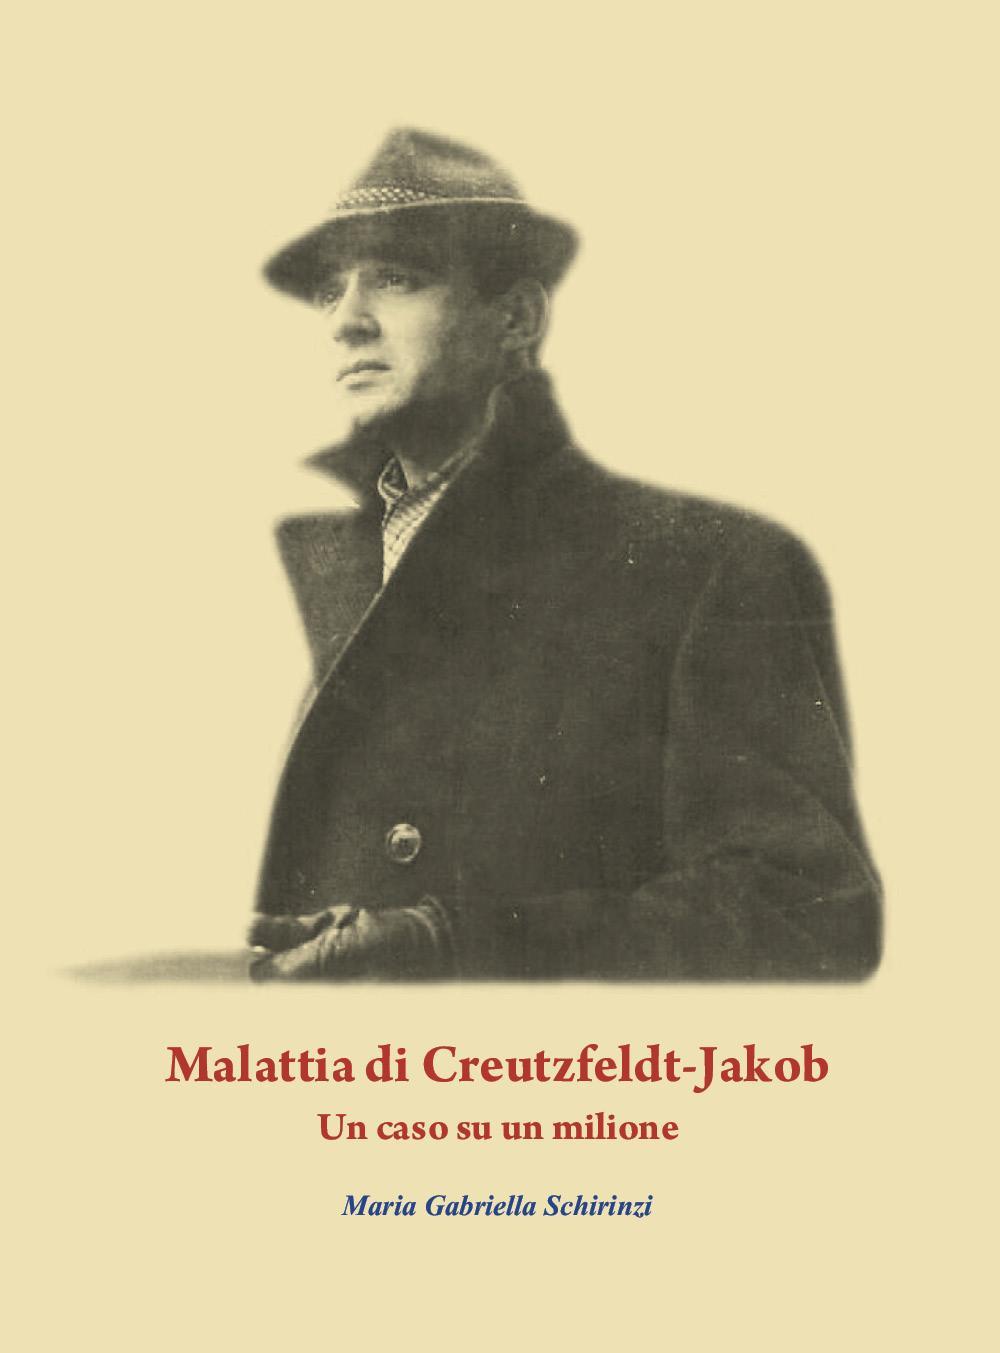 Malattia di Creutzfeldt-Jakob. Un caso su un milione